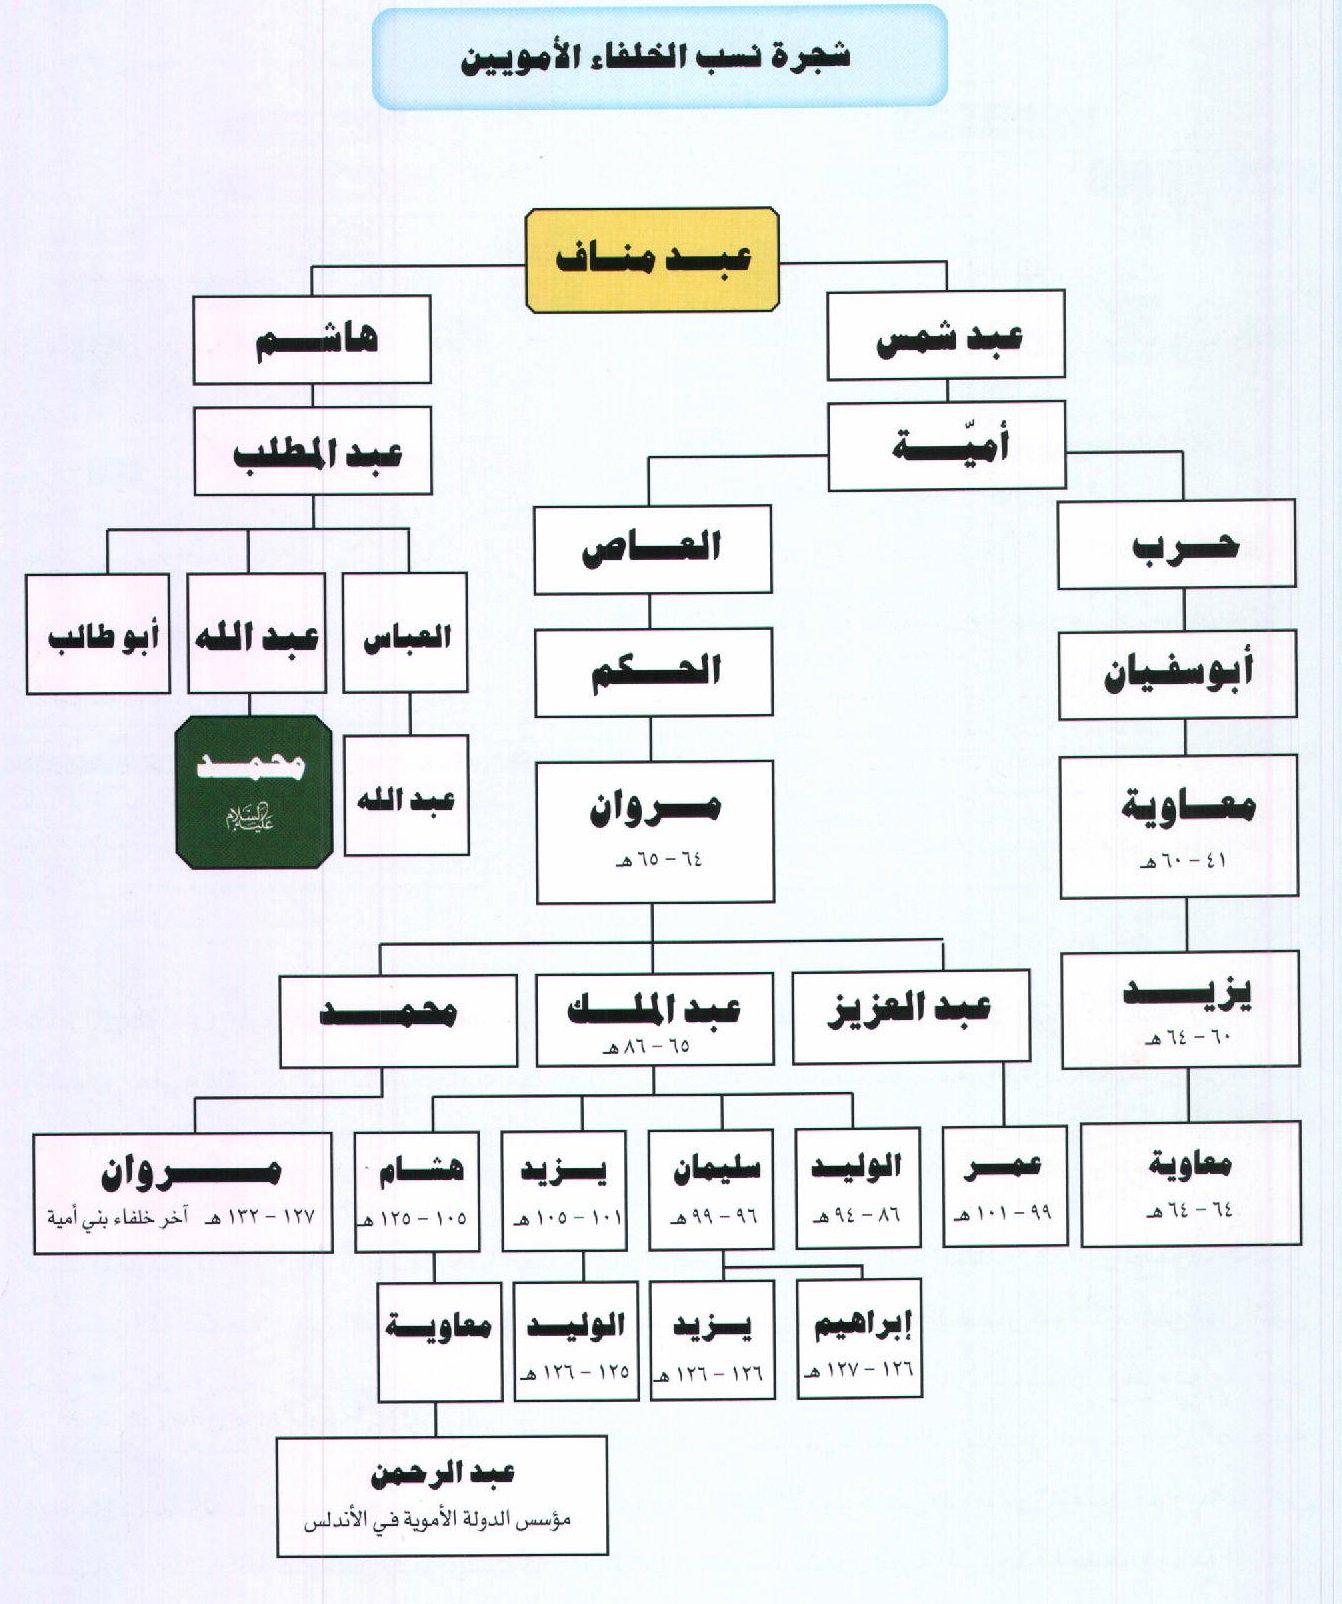 محمد بن إسماعيل On Twitter شجرة نسب الخلفاء الأمويين من أطلس تاريخ الدولة الأموية لسامي المغلوث